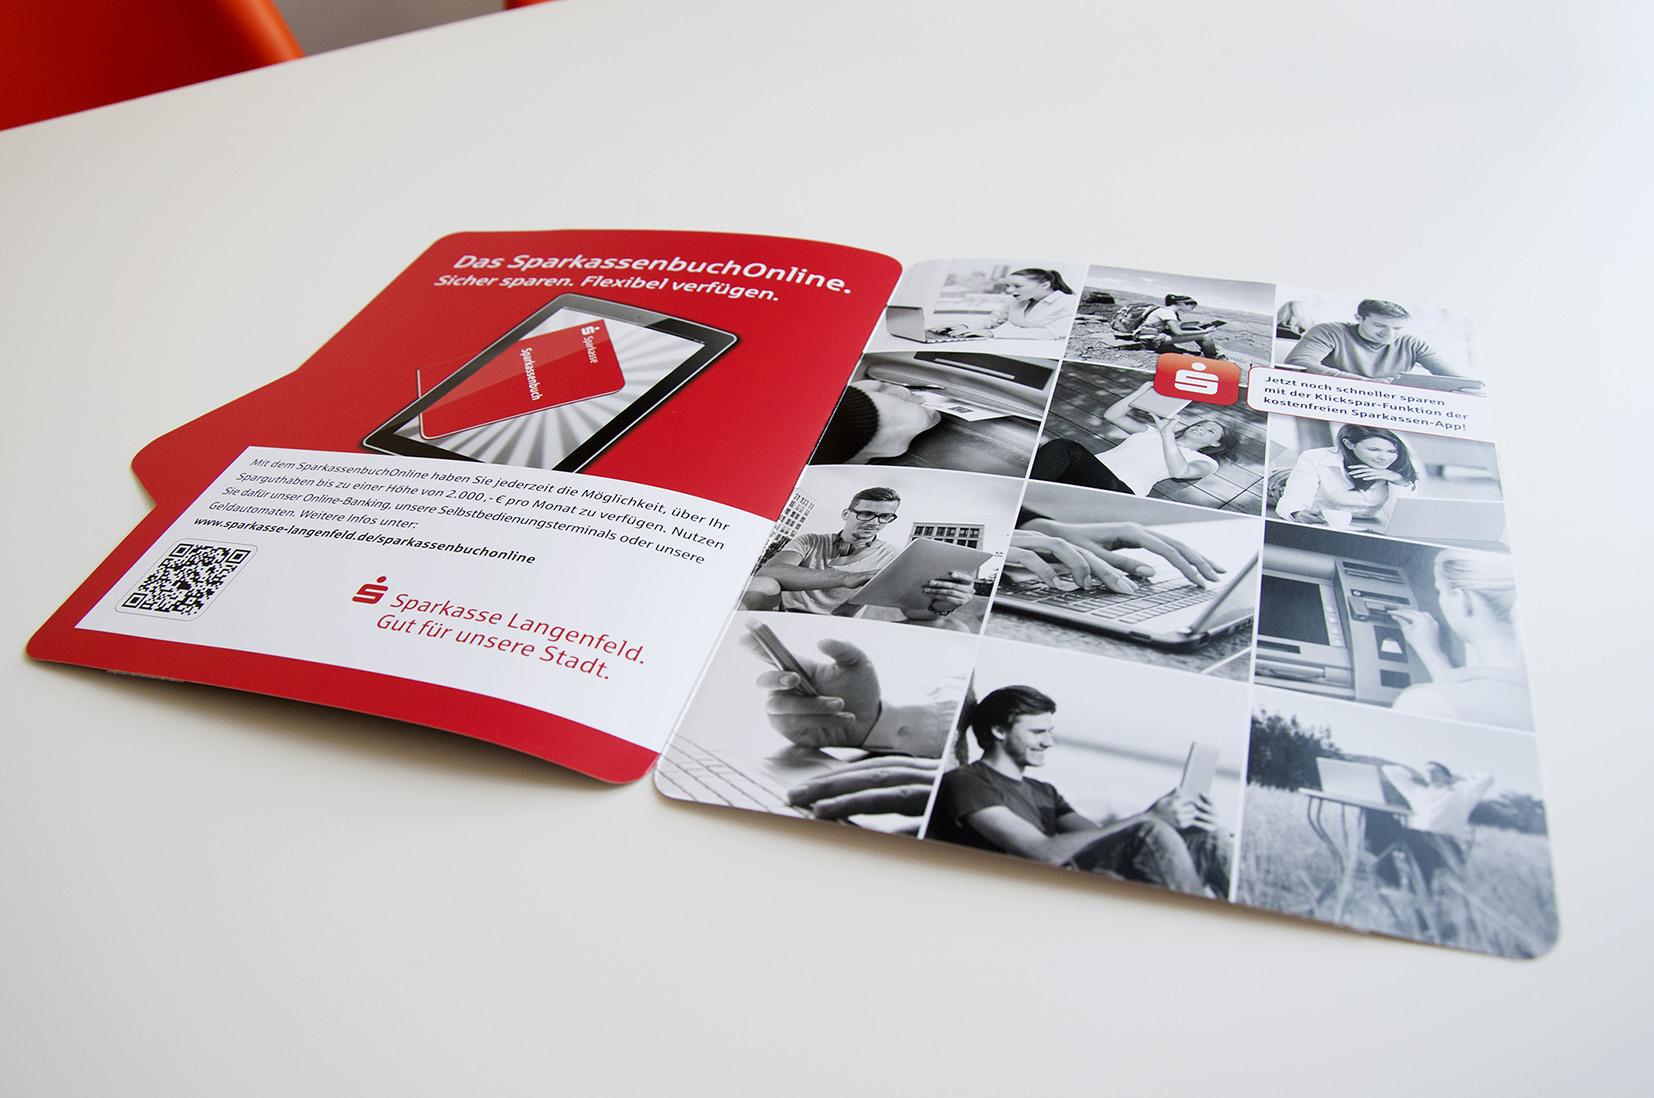 """""""SparkassenbuchOnline"""" – Kampagne"""